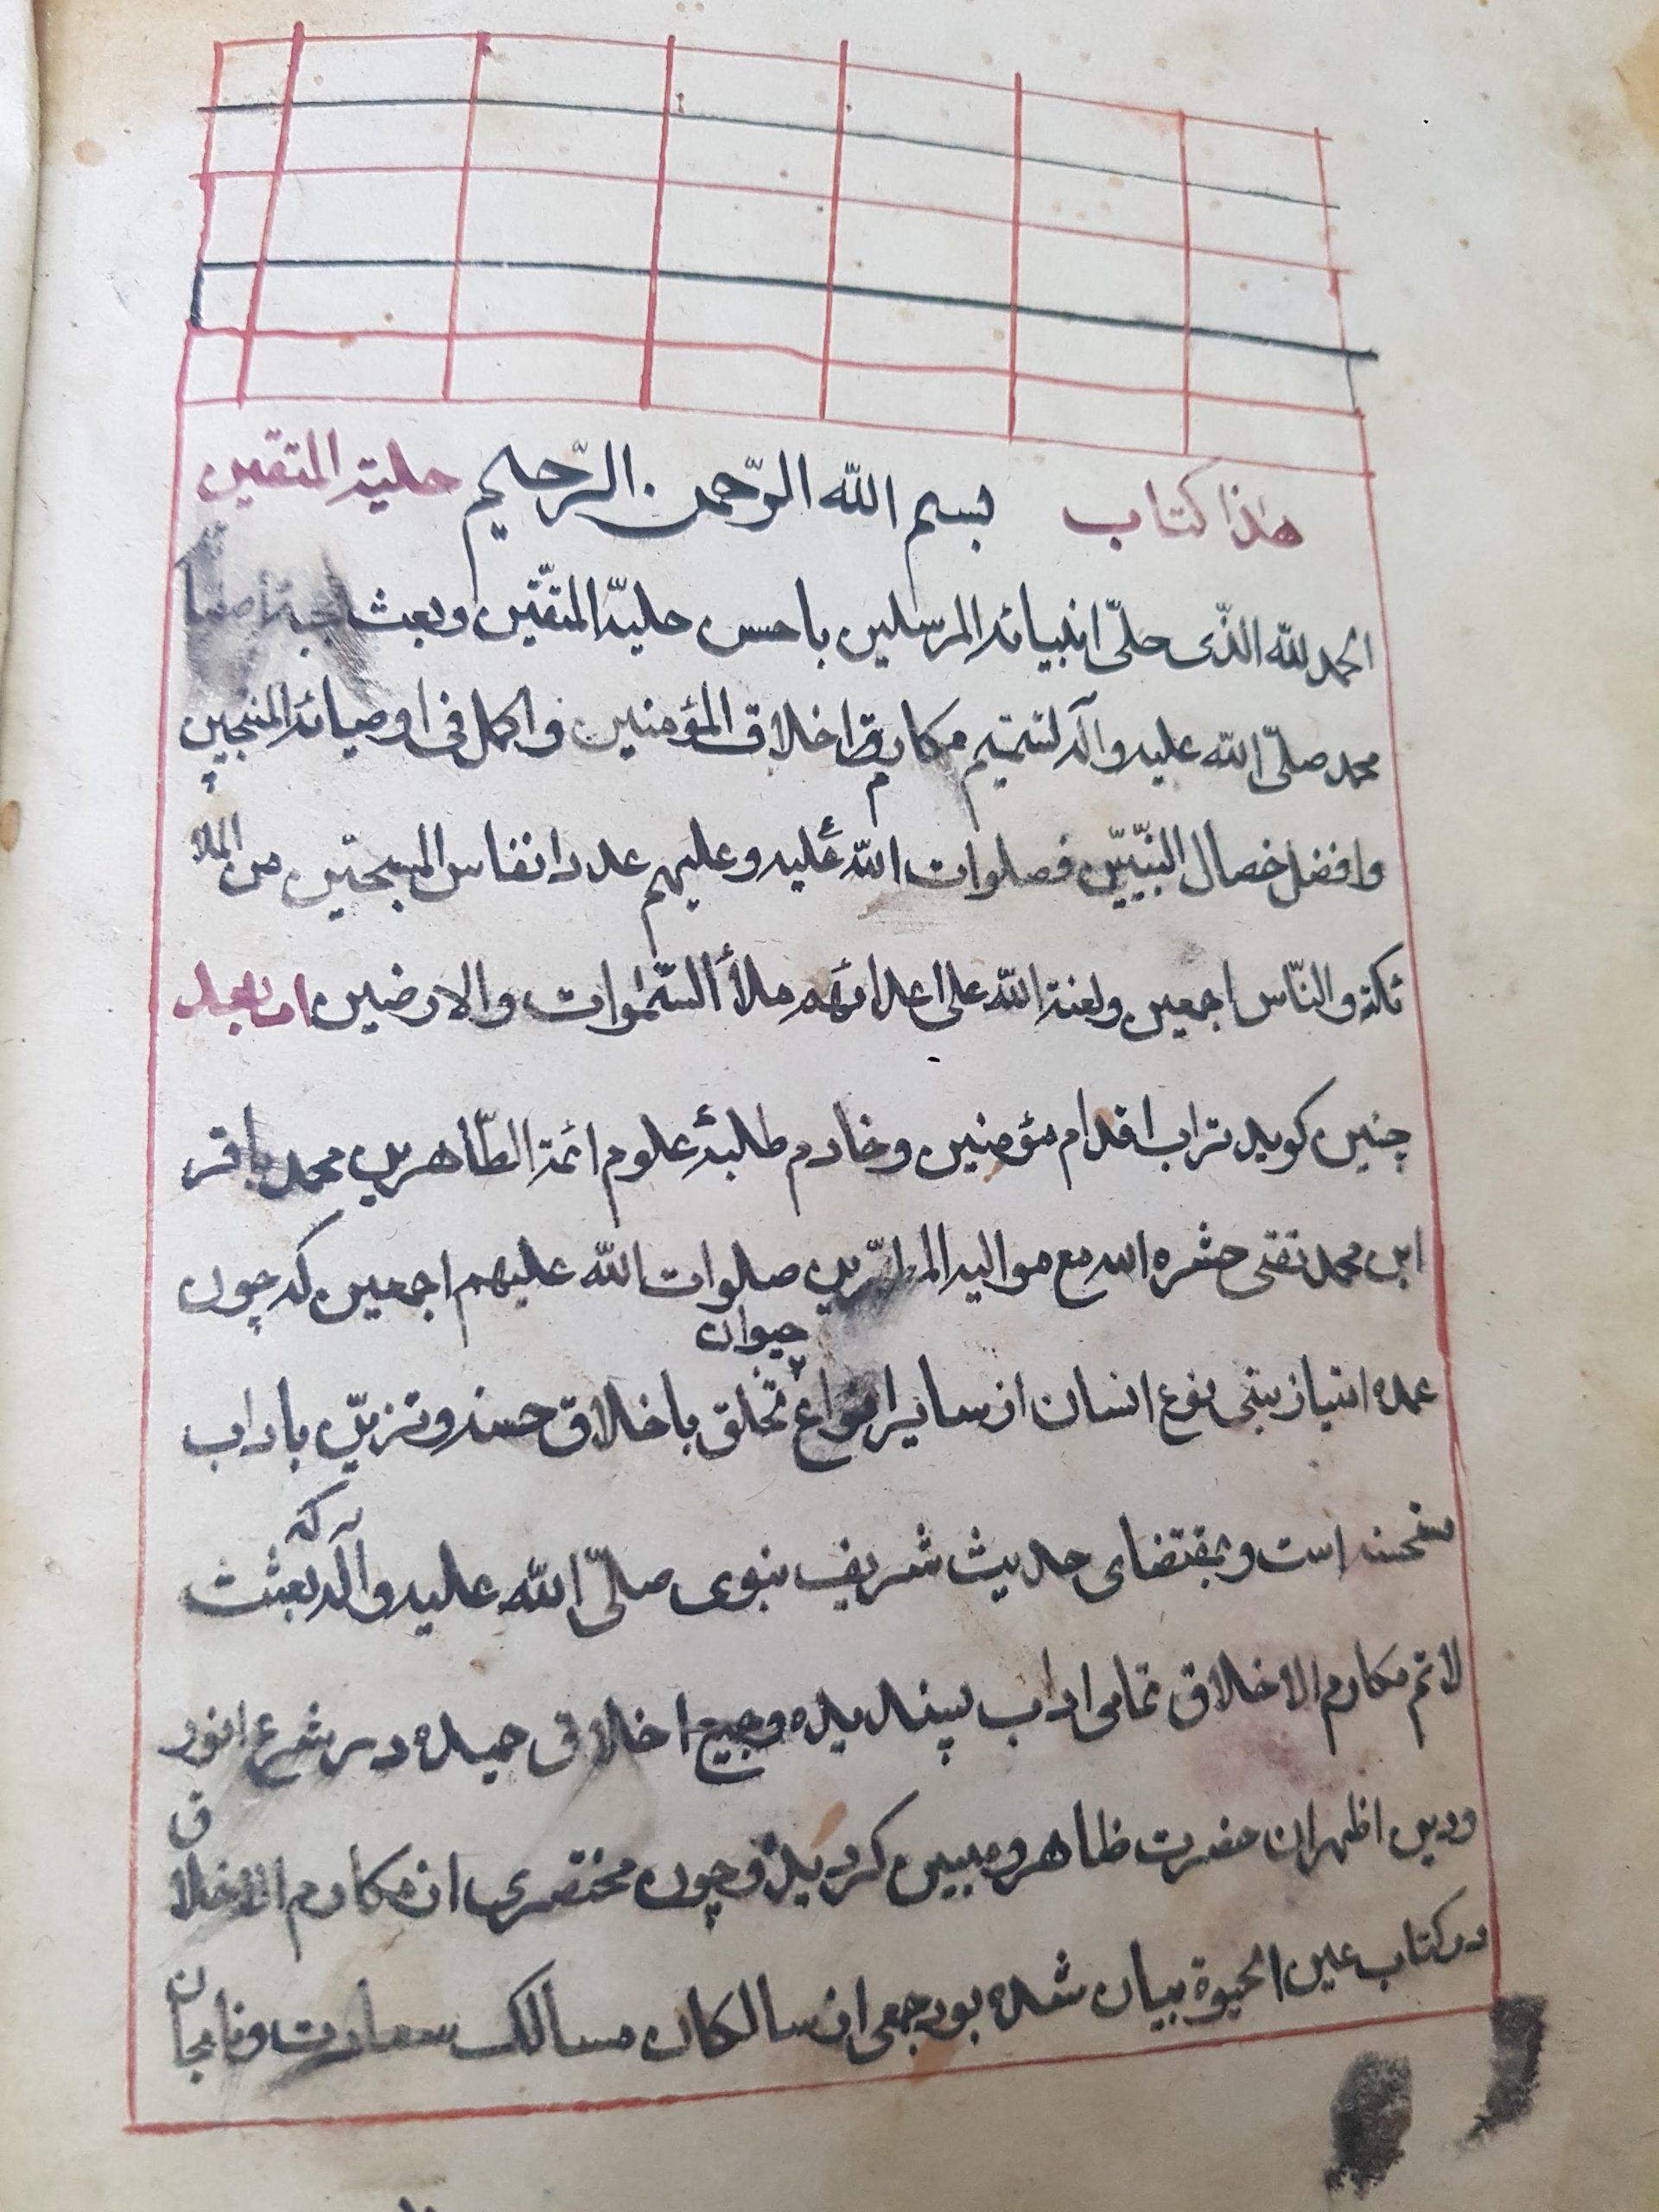 المخطوطة رقم 3